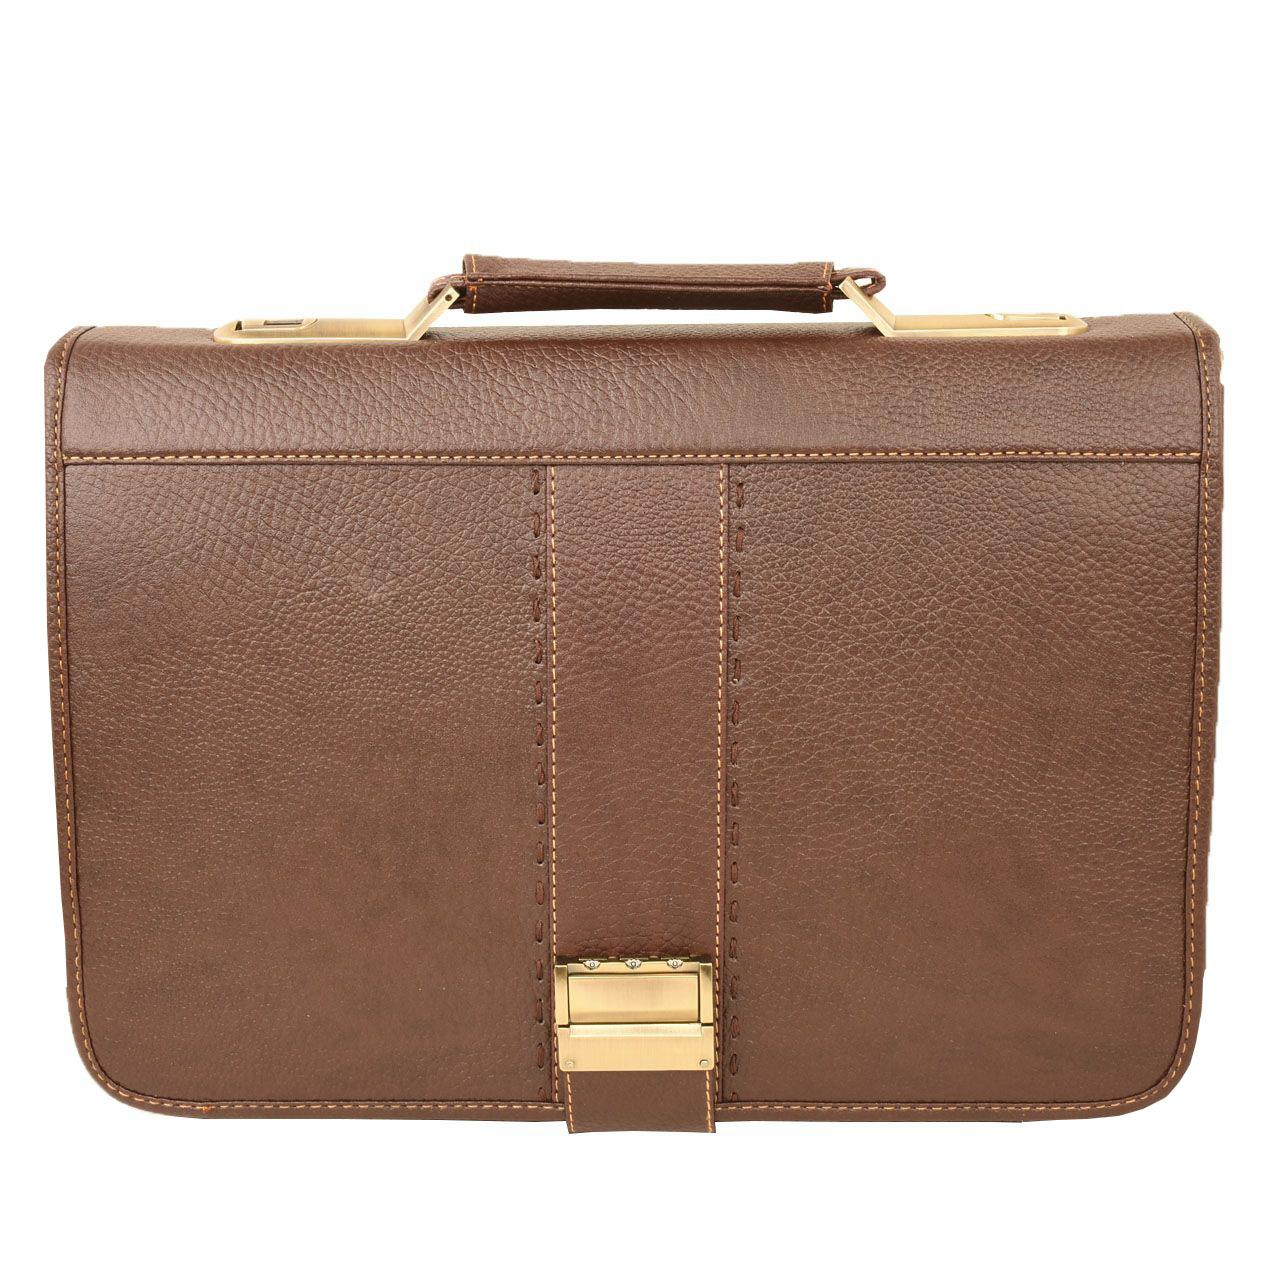 کیف اداری مردانه پارینه مدل P247-7